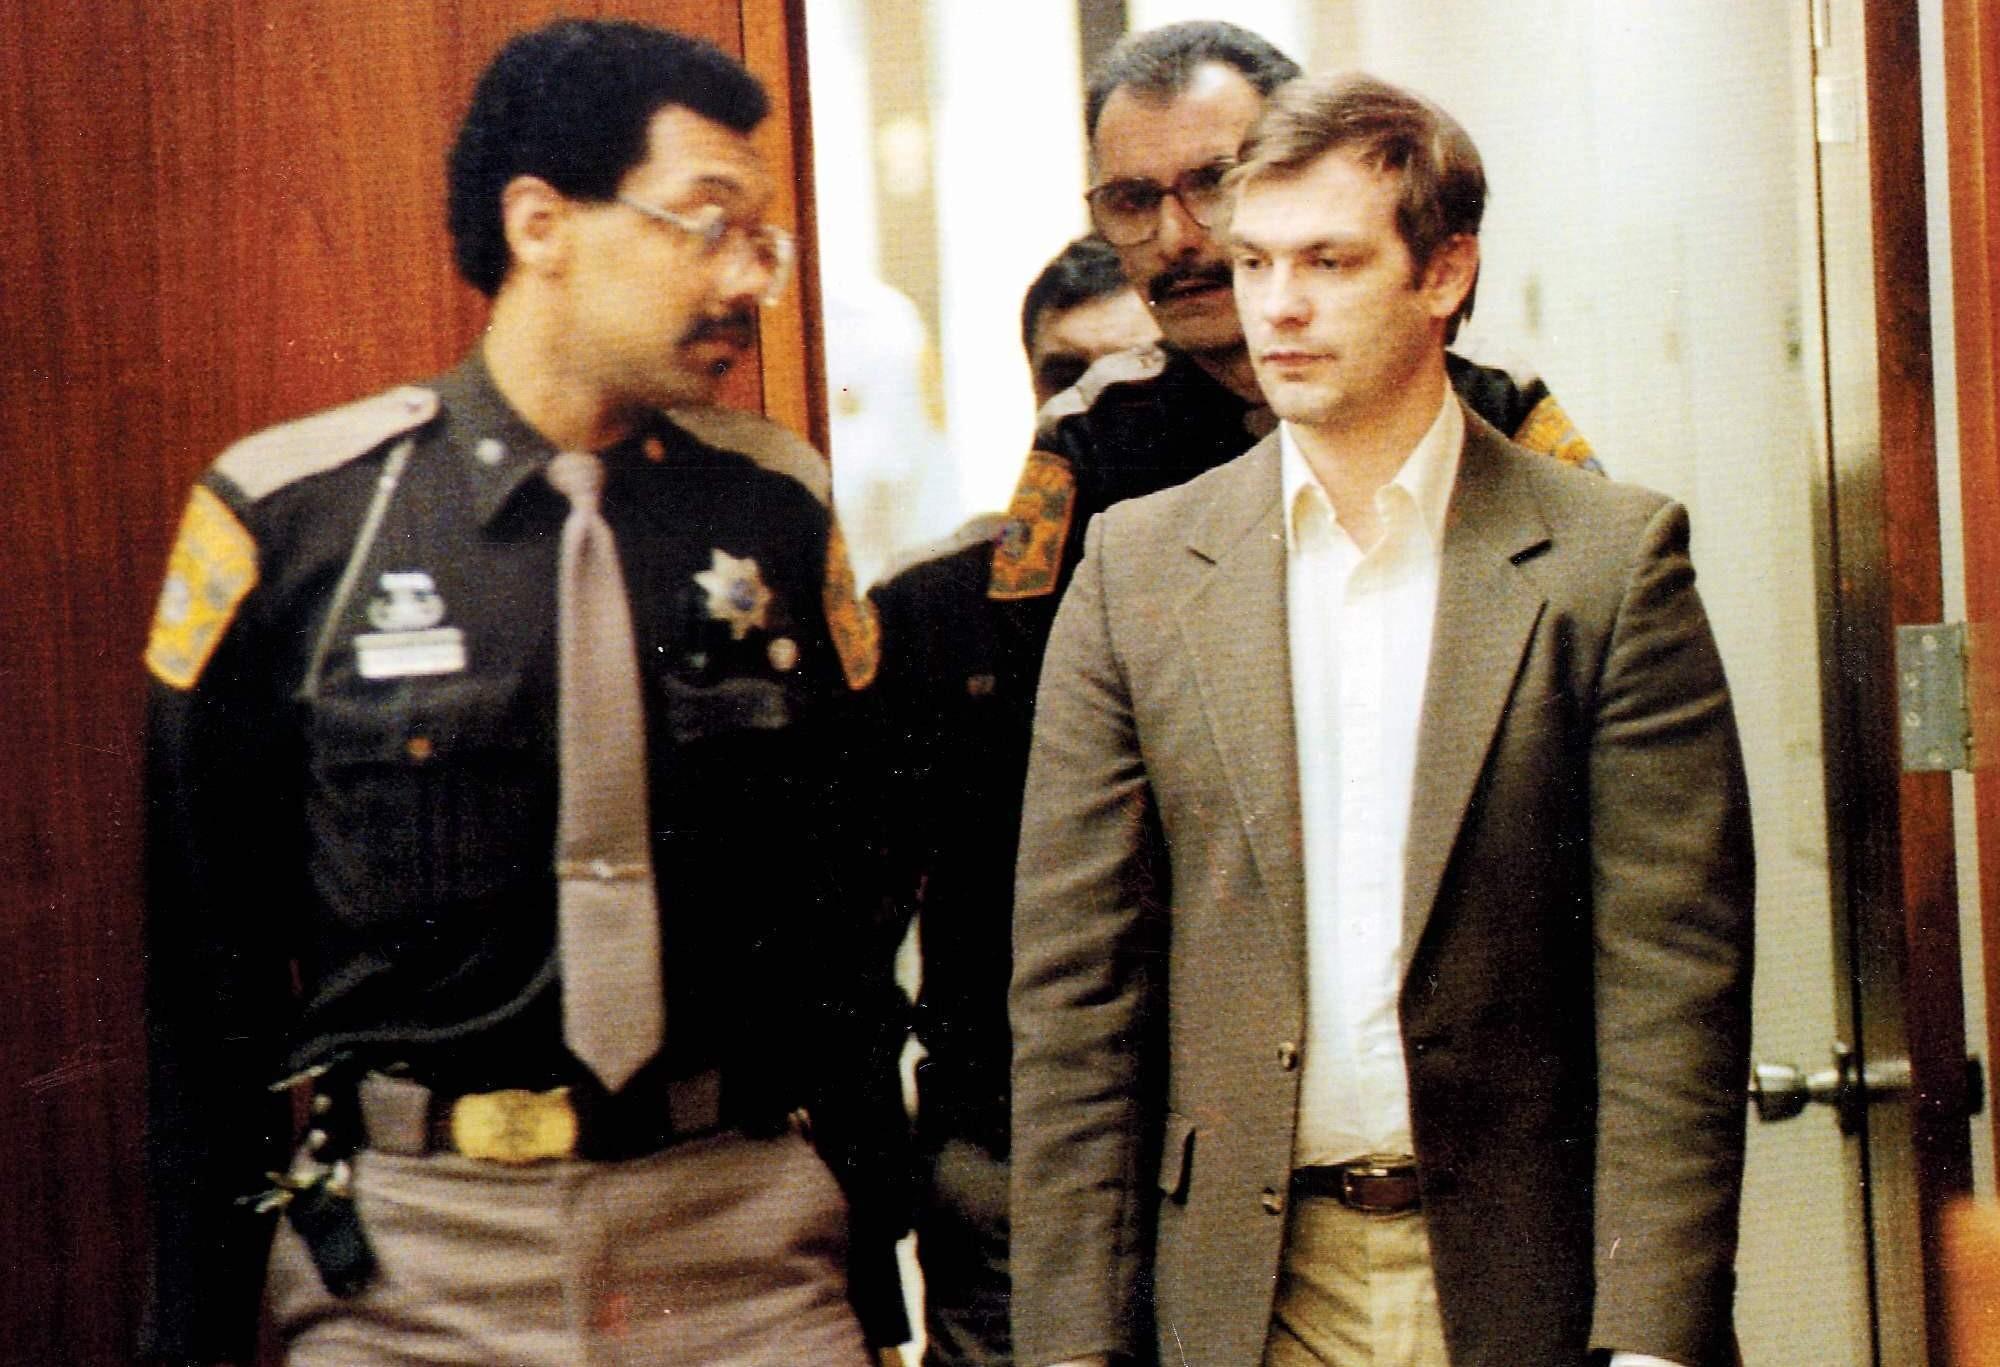 Jeffrey Dahmer predvolaný pred súd.